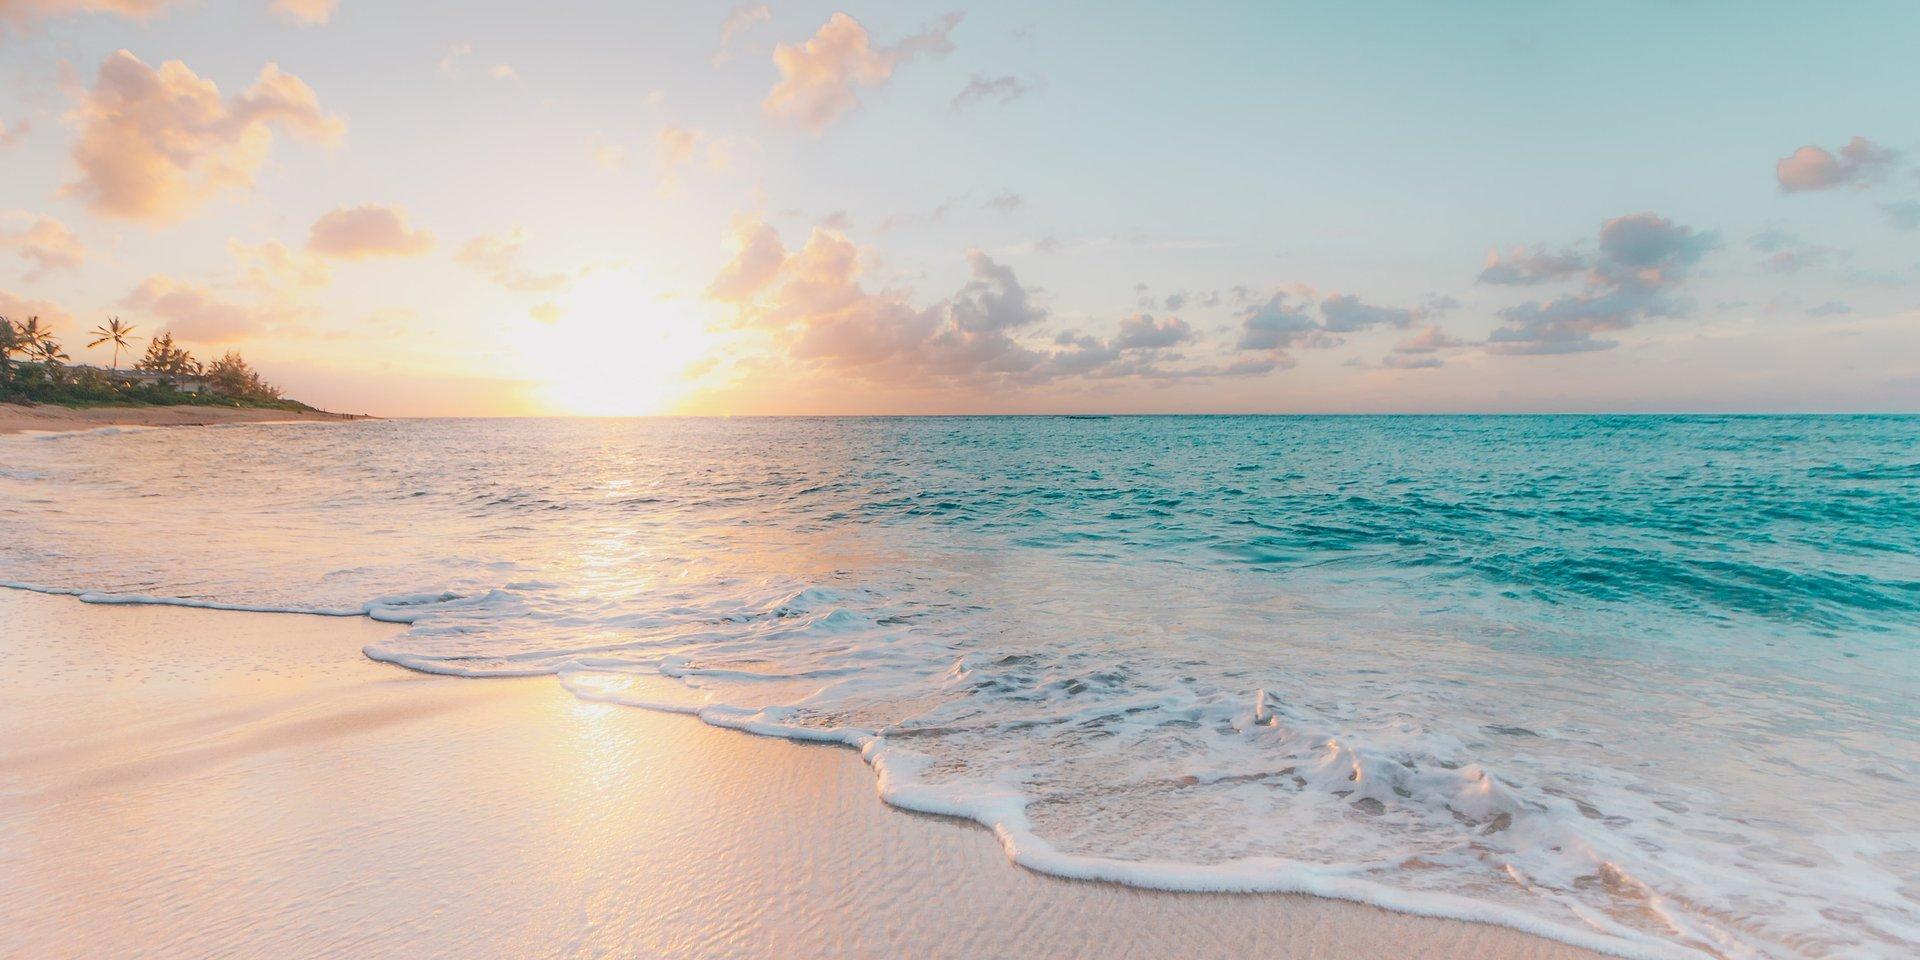 Vacanze al mare e bellezza: i consigli di MioDottore per trasformare la spiaggia in una beauty farm